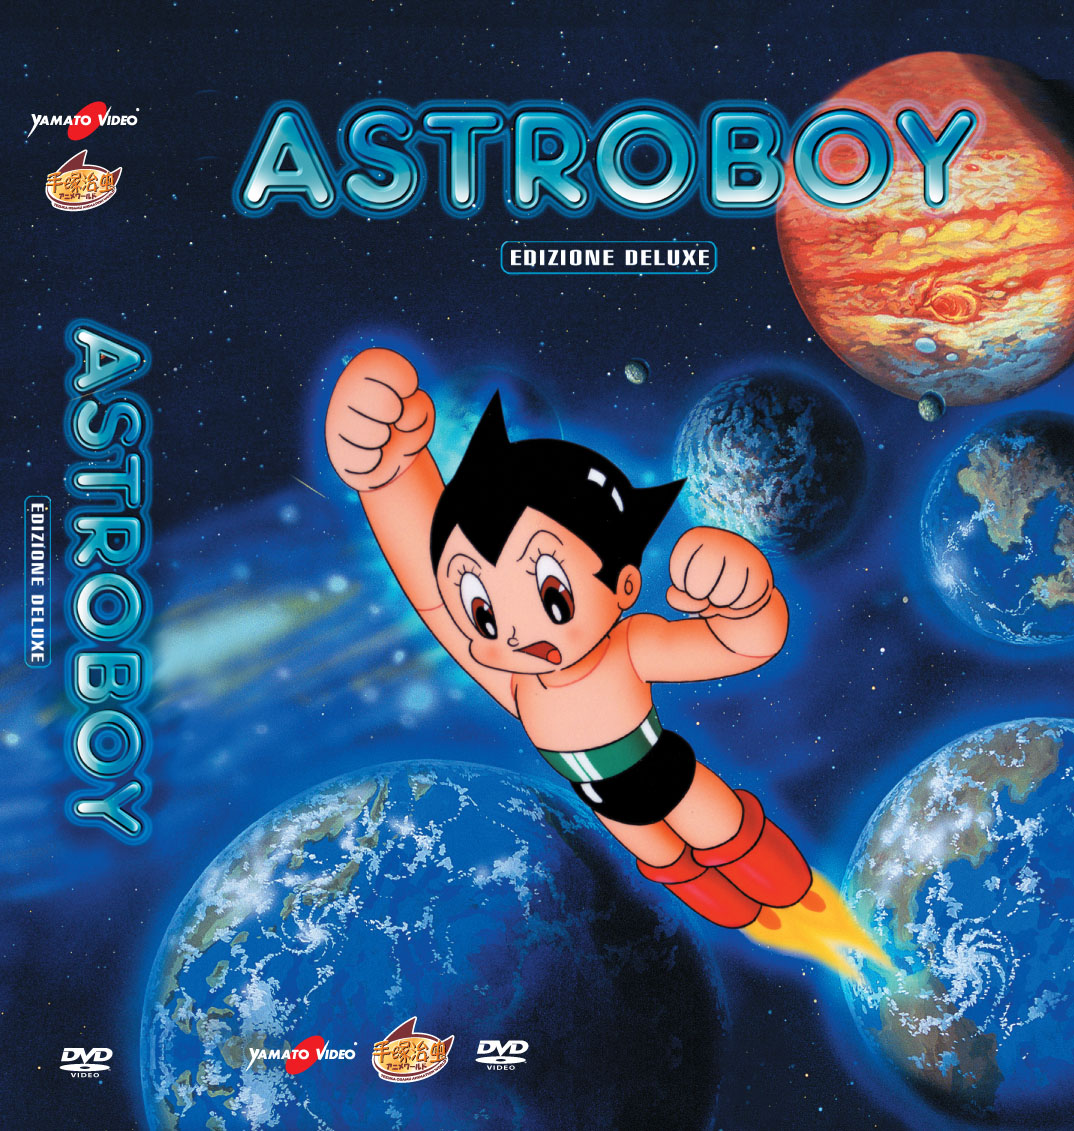 astroboy deluxe